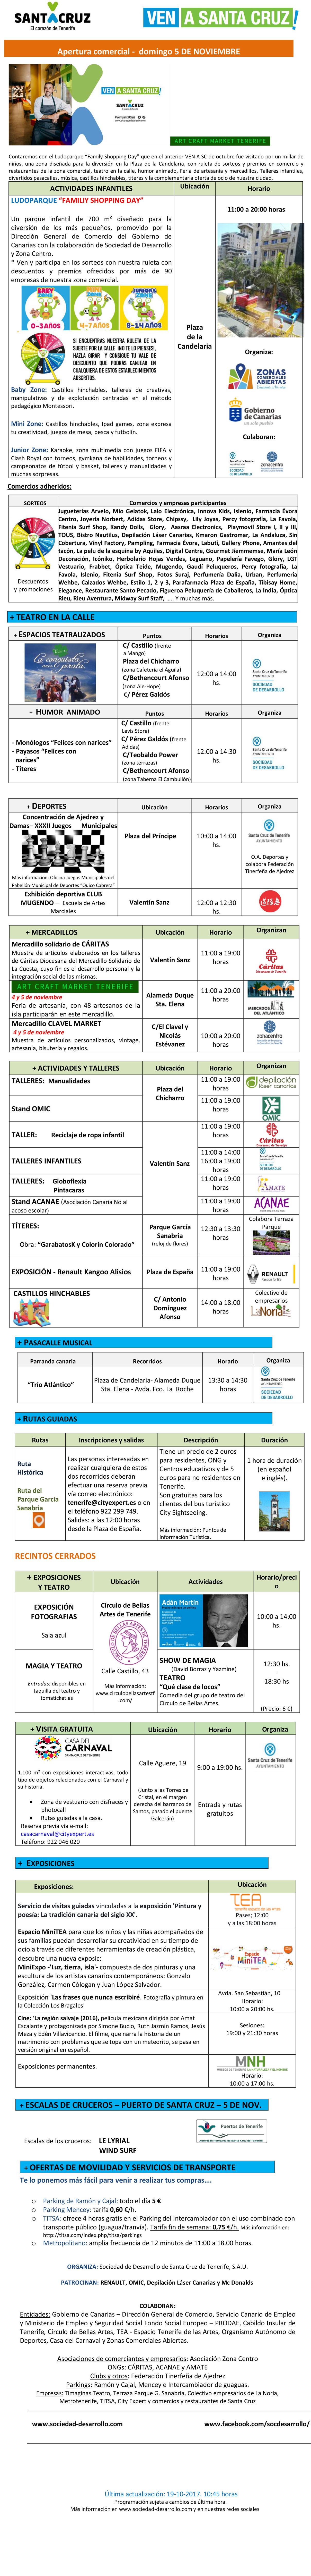 Ven a Santa Cruz - Talleres infantiles e informacion por parte de ACANAE